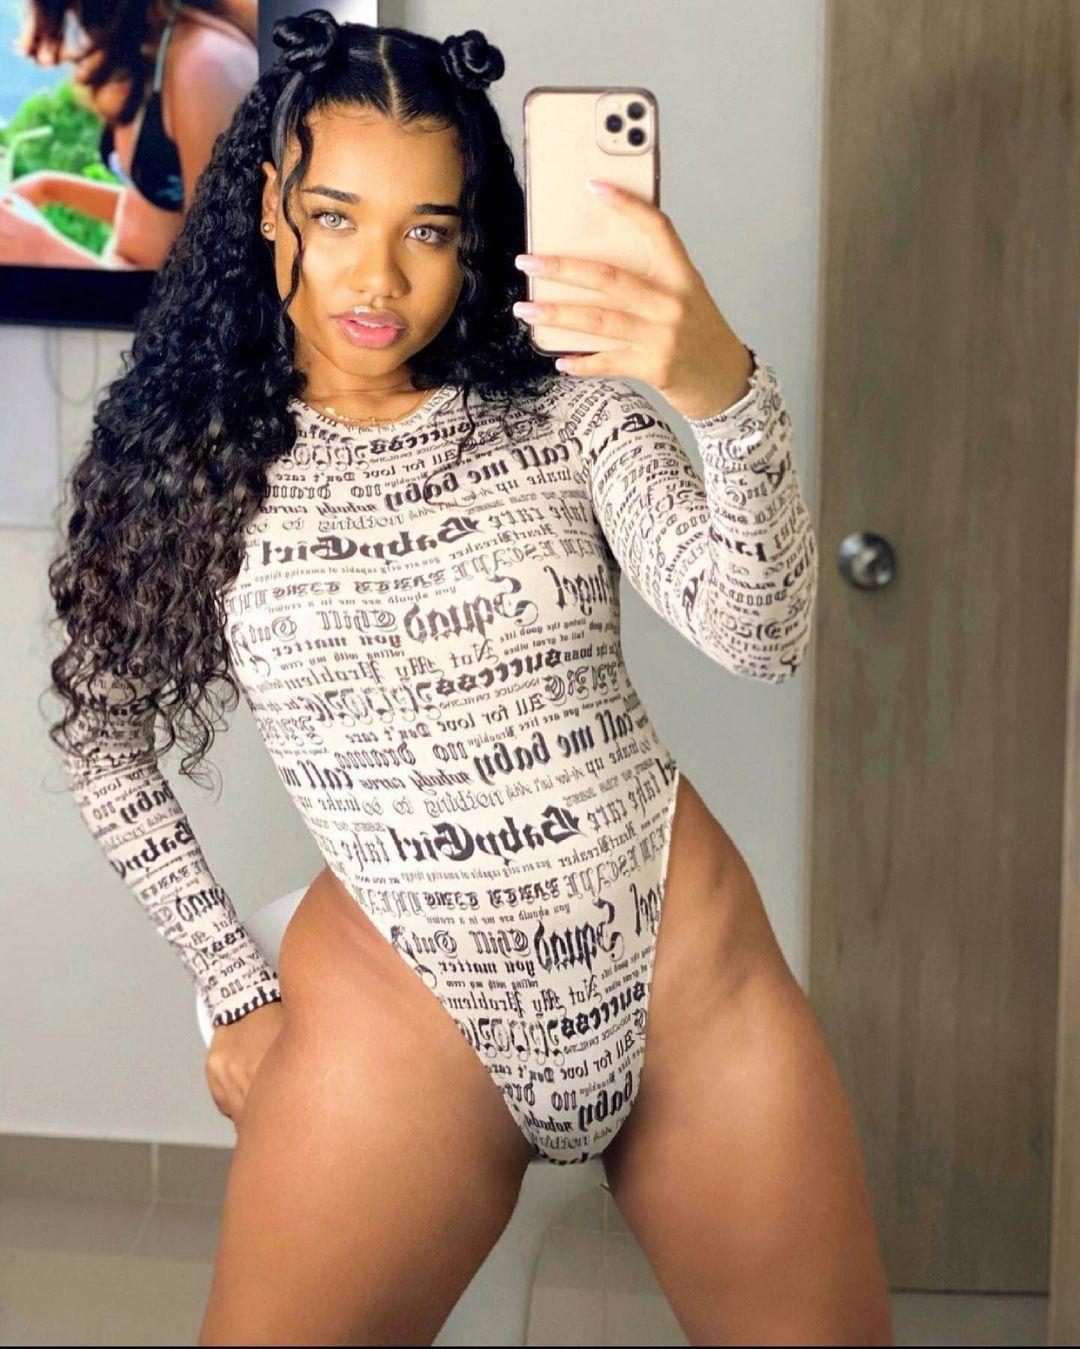 cutr-girl-hot-selfie.jpg